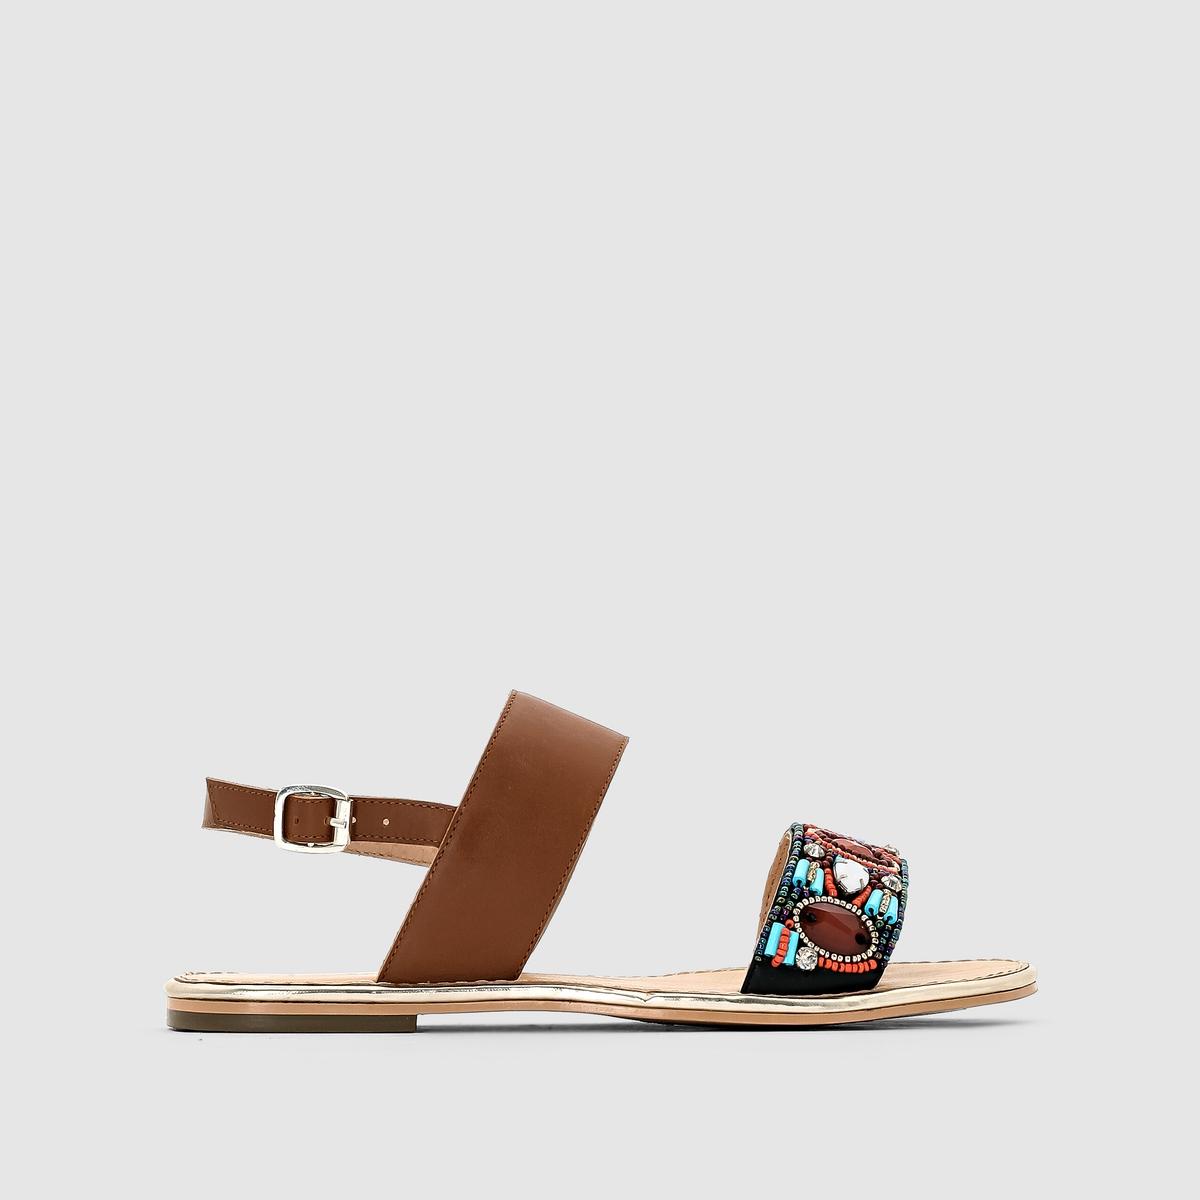 Сандалии R ESSENTIELПреимущества:   : Оригинальные сандалии от R ESSENTIEL  в этническом стиле с бусинками и оригинальными разноцветными украшениями, а также с широким ремешком на подъёме.<br><br>Цвет: темно-бежевый<br>Размер: 37.41.36